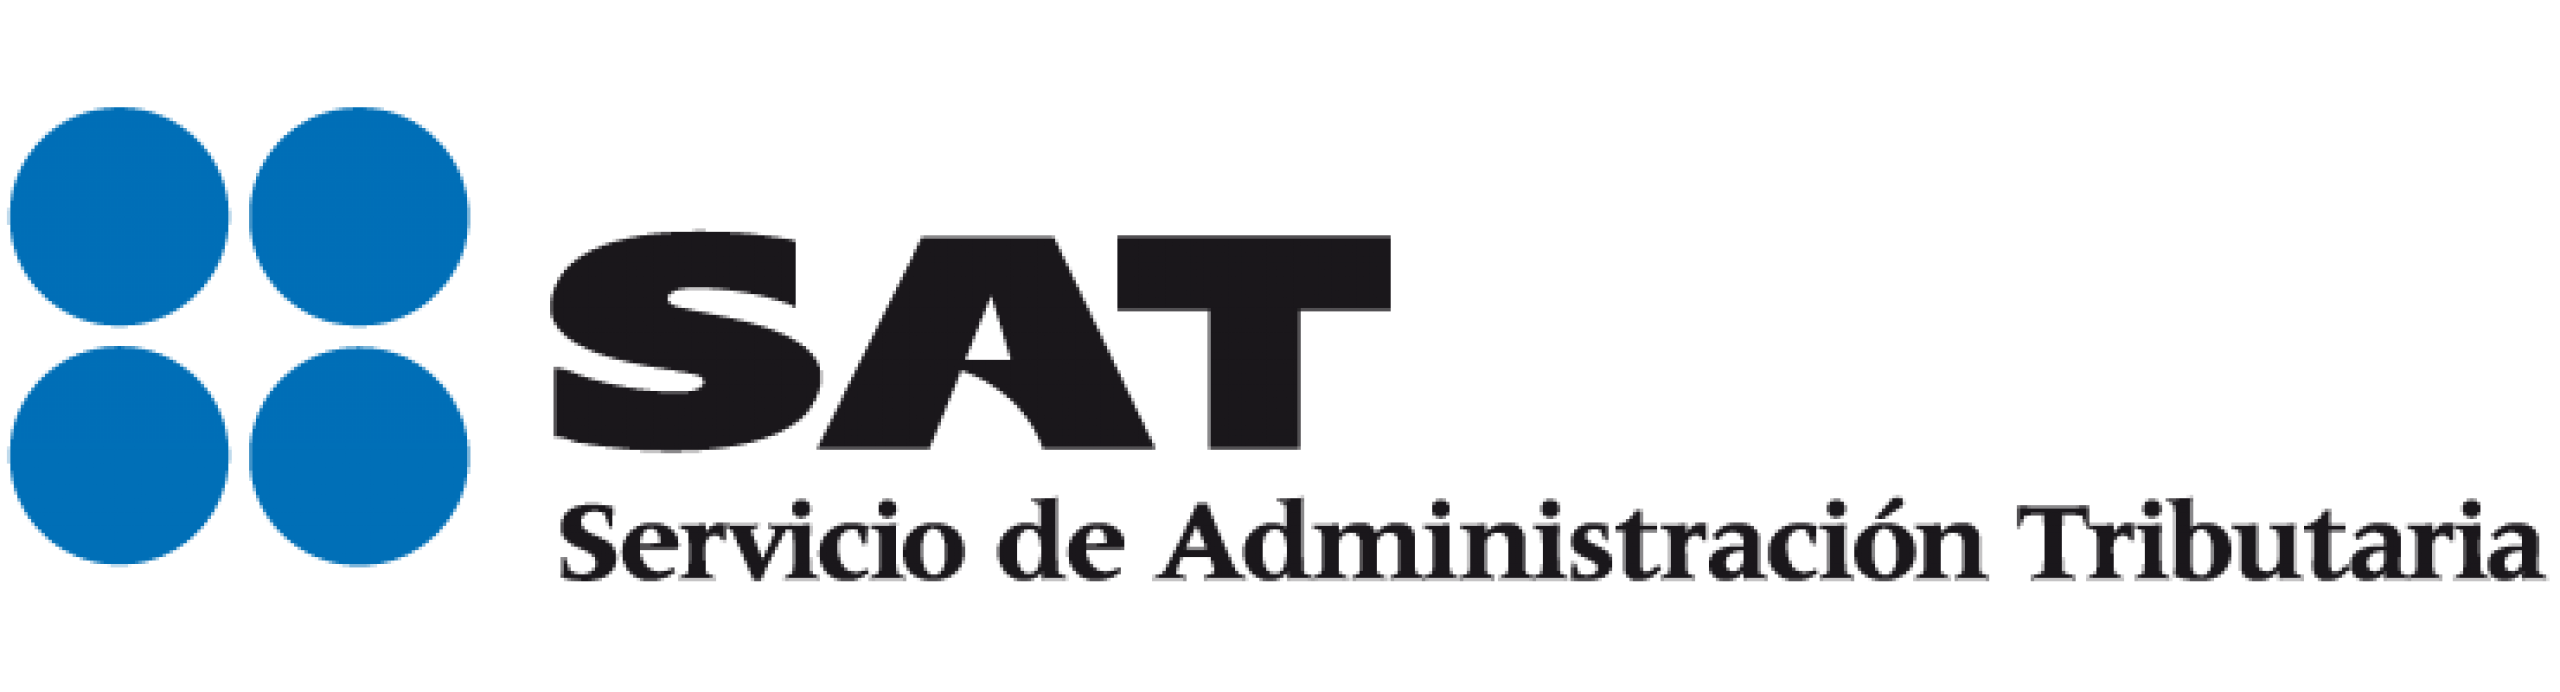 Resultado de imagen para logo del sat